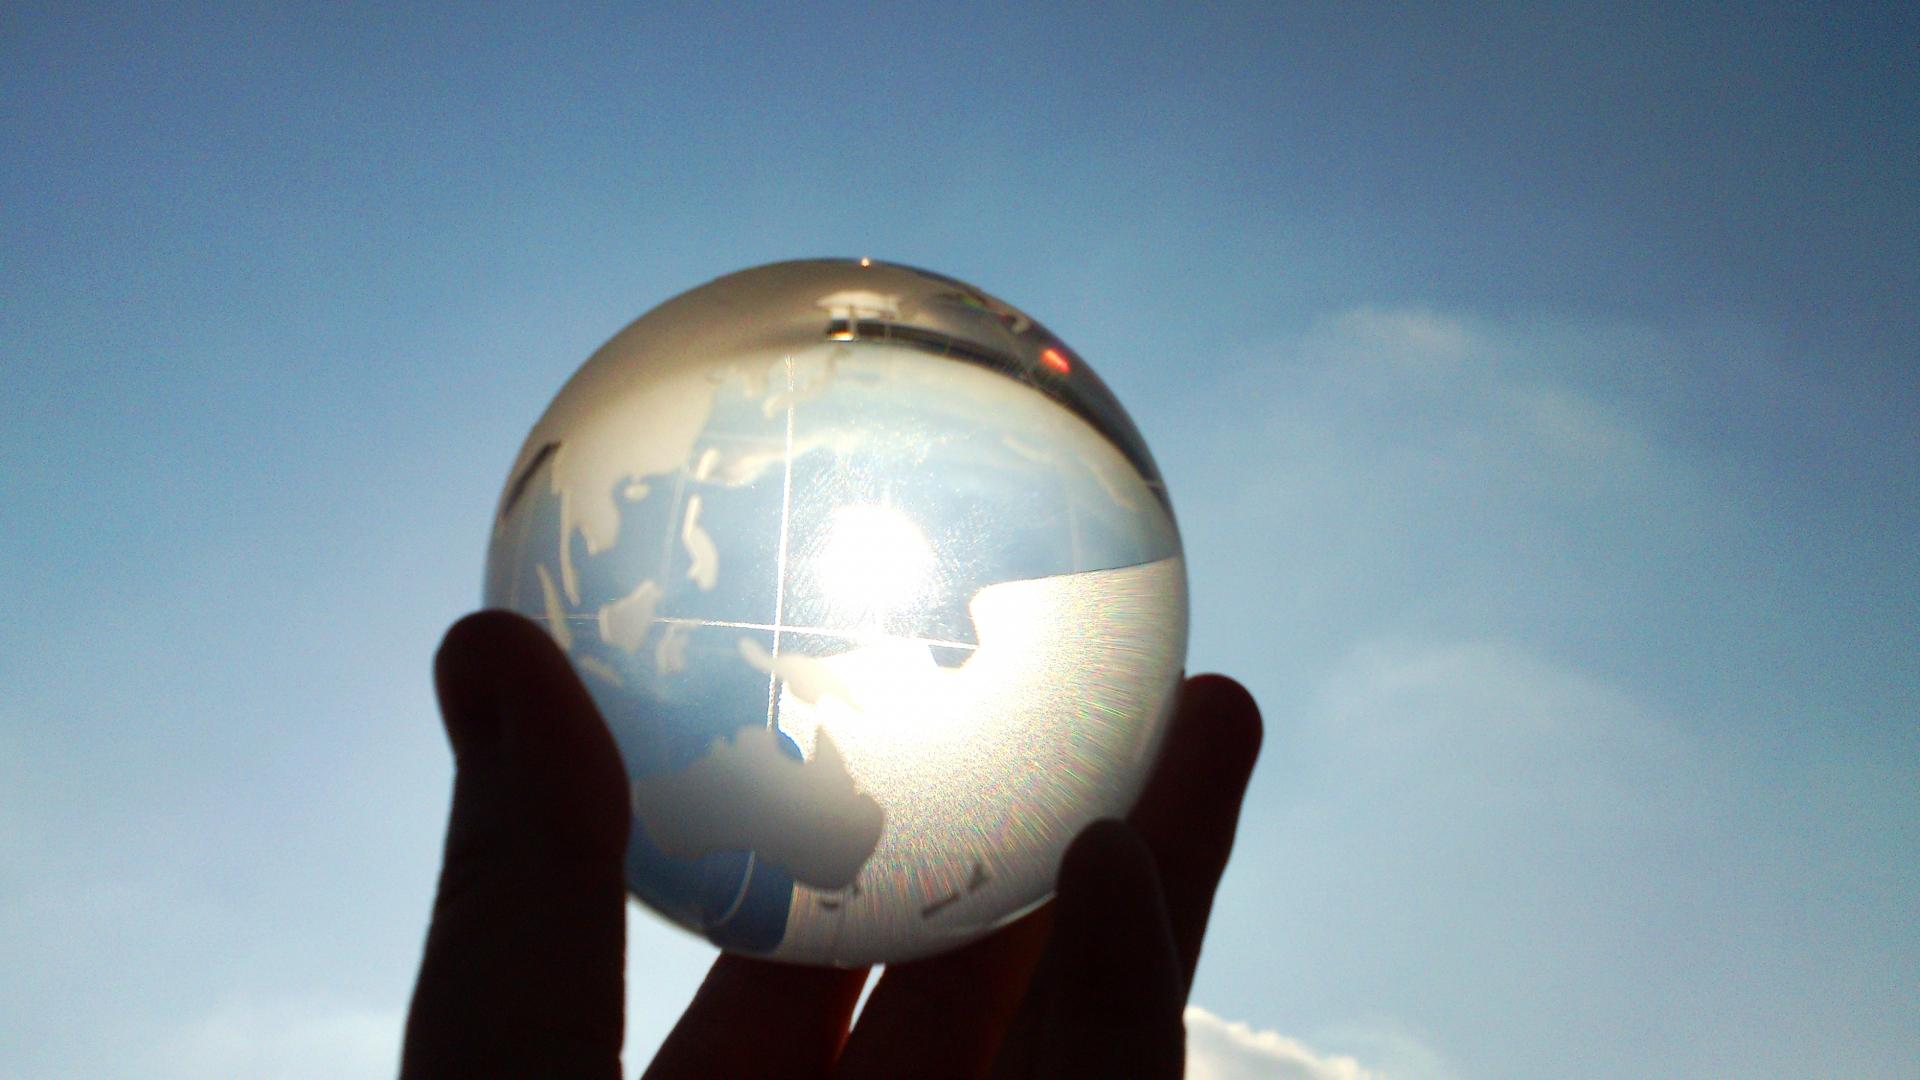 私たちの意識と伴に地球も変化していることを忘れてはいけない!